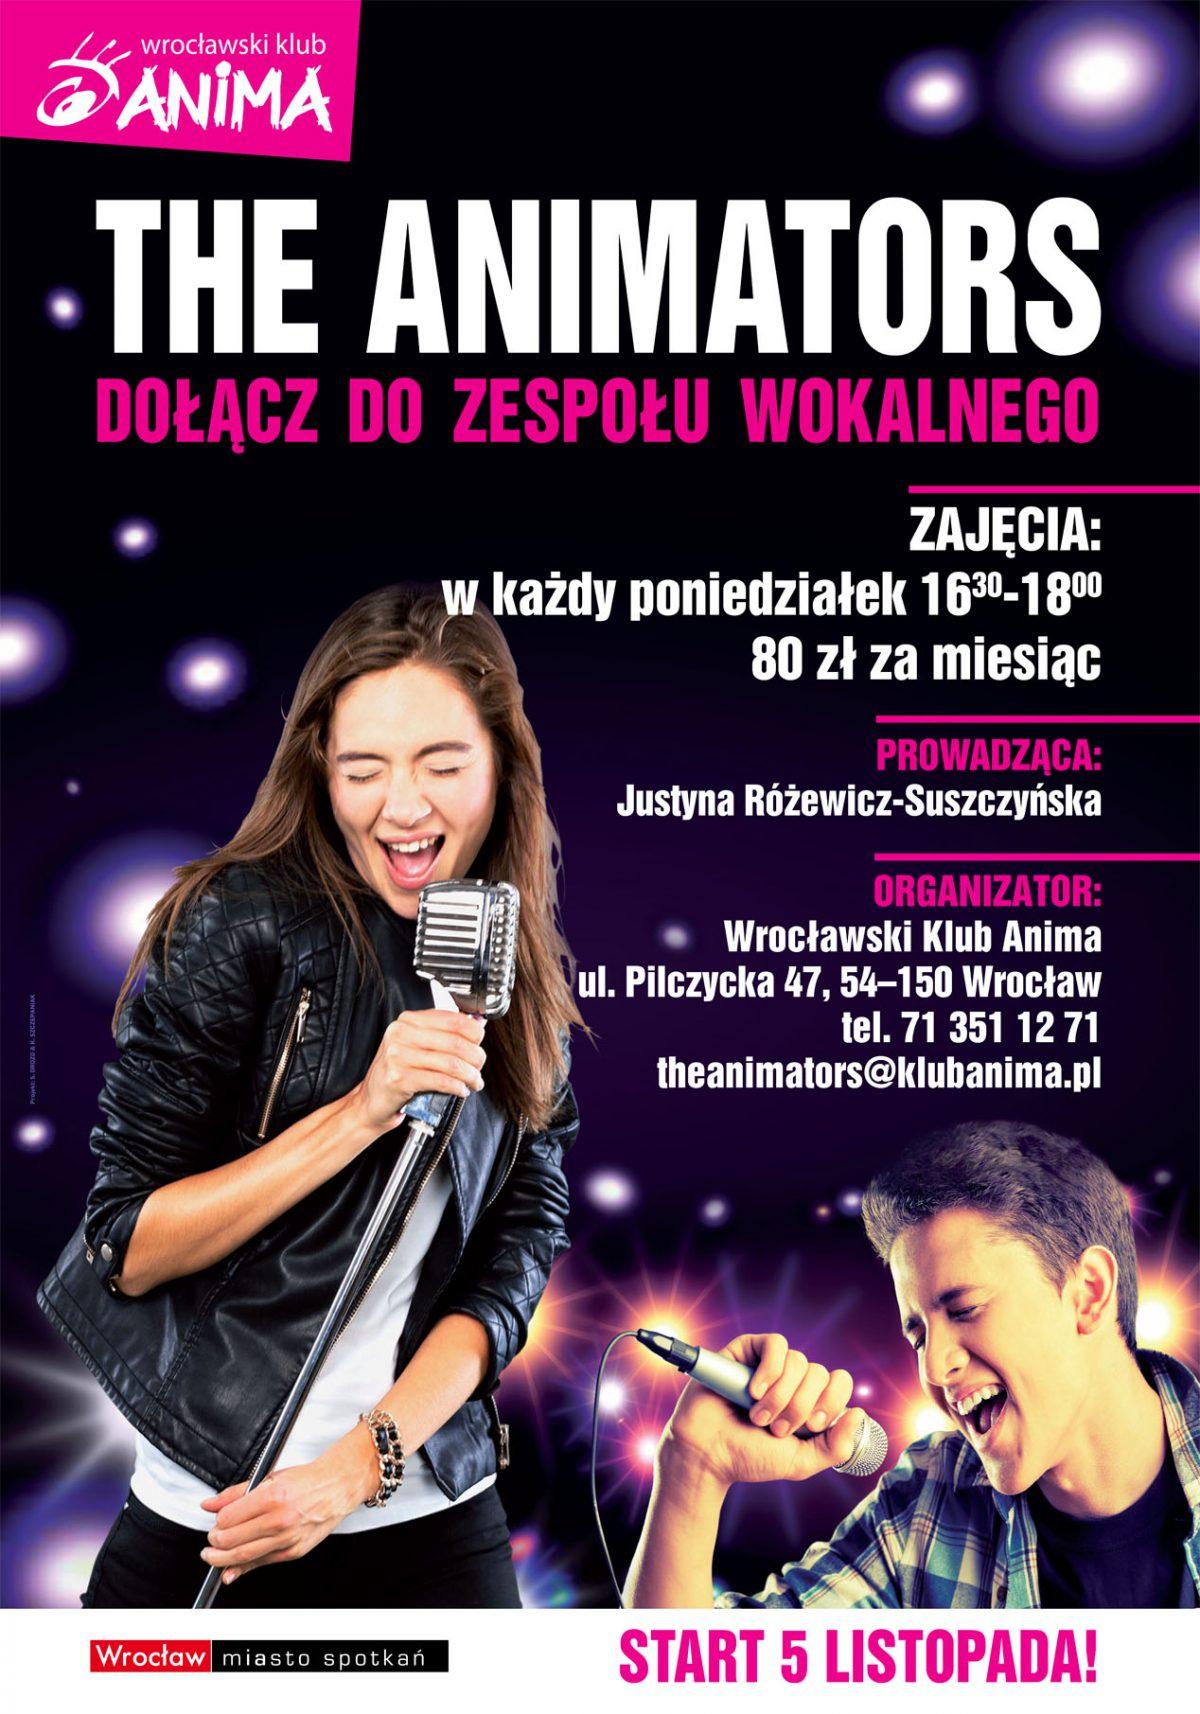 Dołącz do zespołu wokalnego The Animators